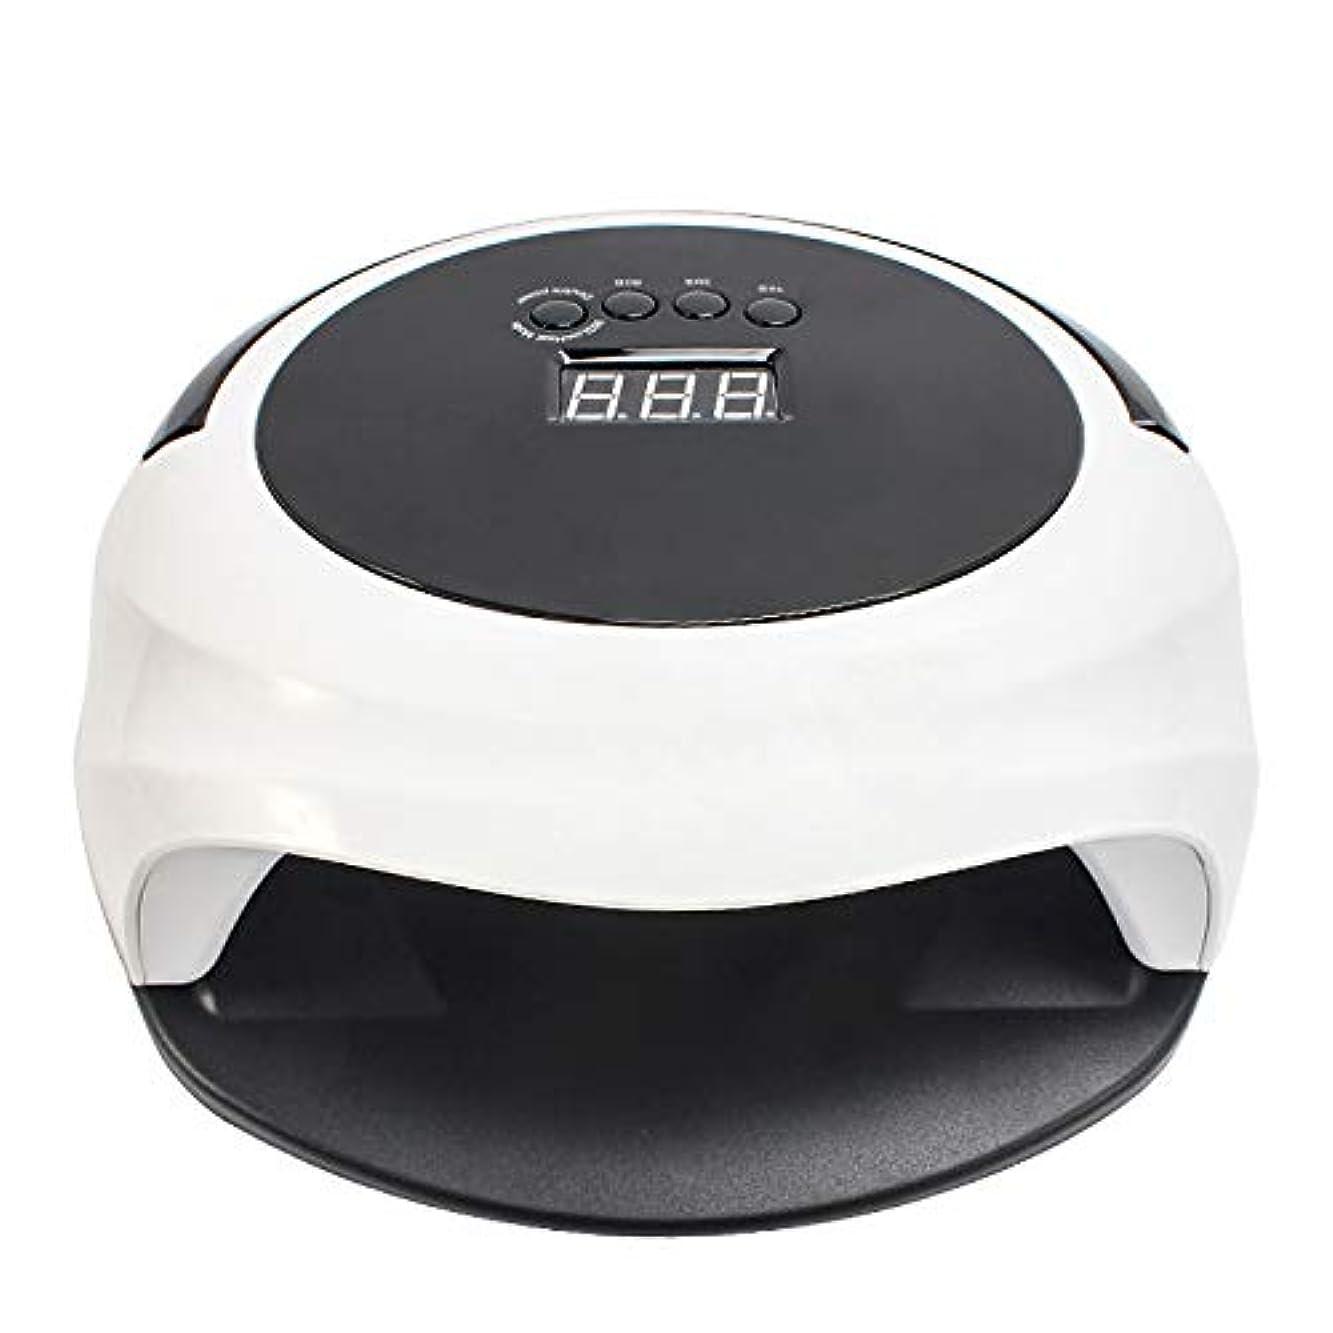 引き出しメンタル一見ネイルライト36ランプビーズ48WハイパワーLED UVデュアルソースネイルドライヤーを処理します。